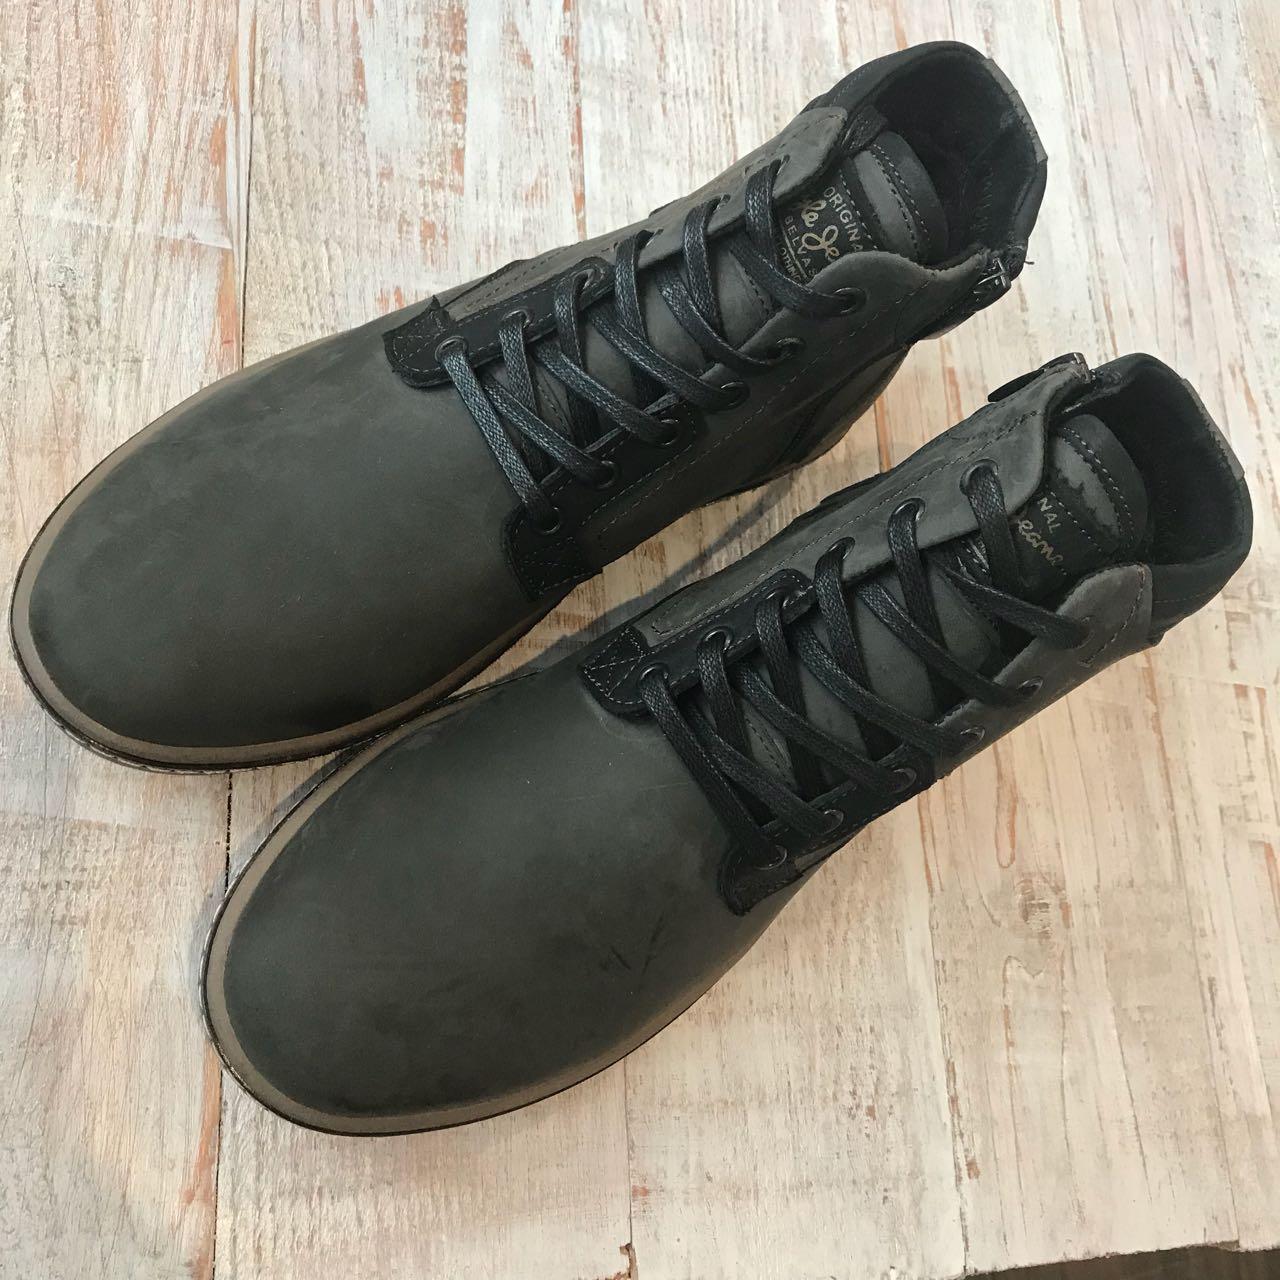 ... Кожаные ботинки Belvas арт 17173 олив размеры 43 7830910c26148